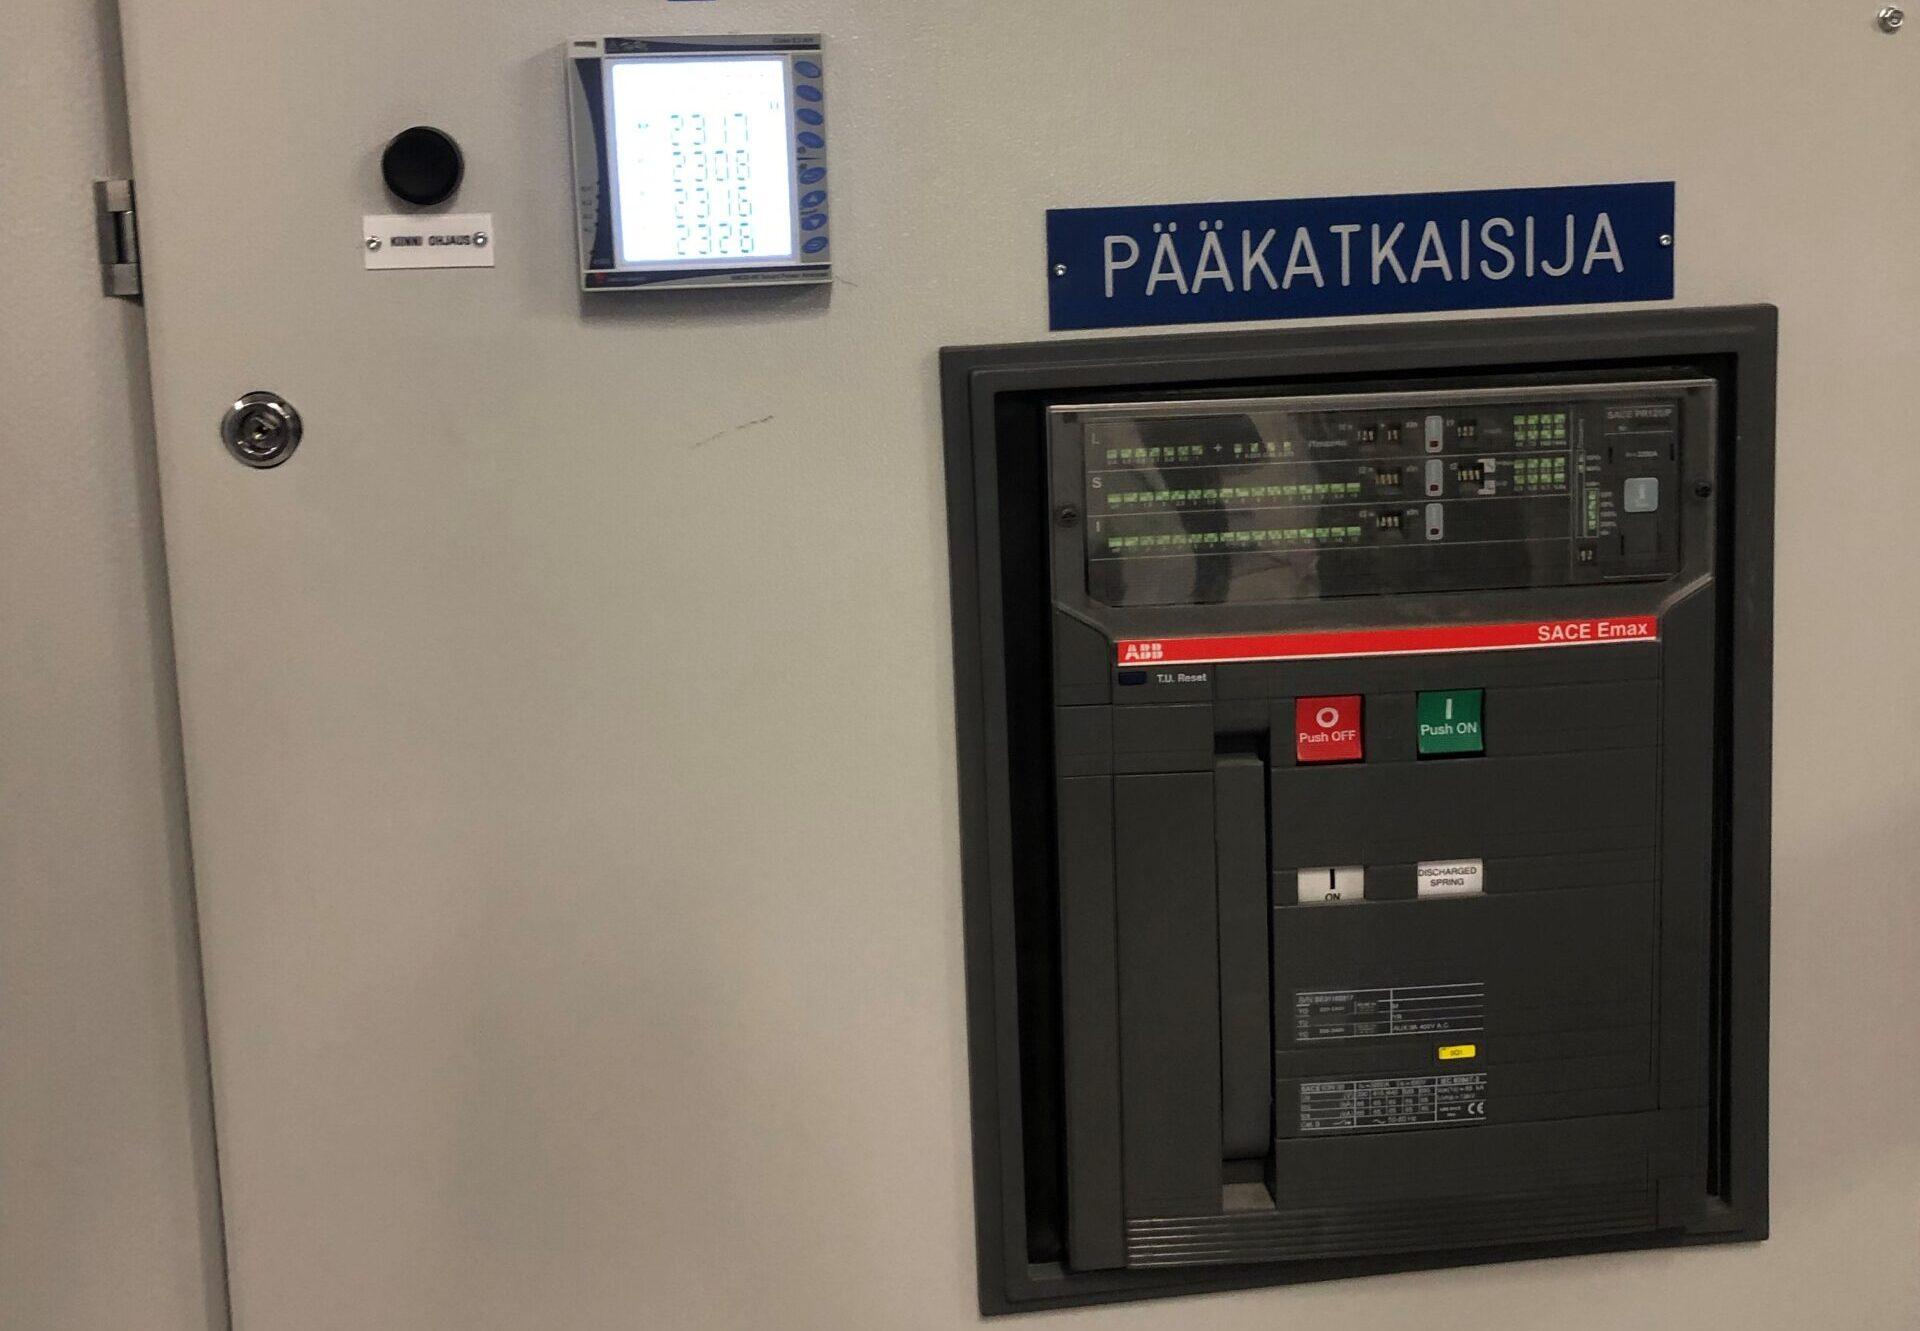 Sähkön pääkatkaisija kiinteistössä ja sähkömittarit